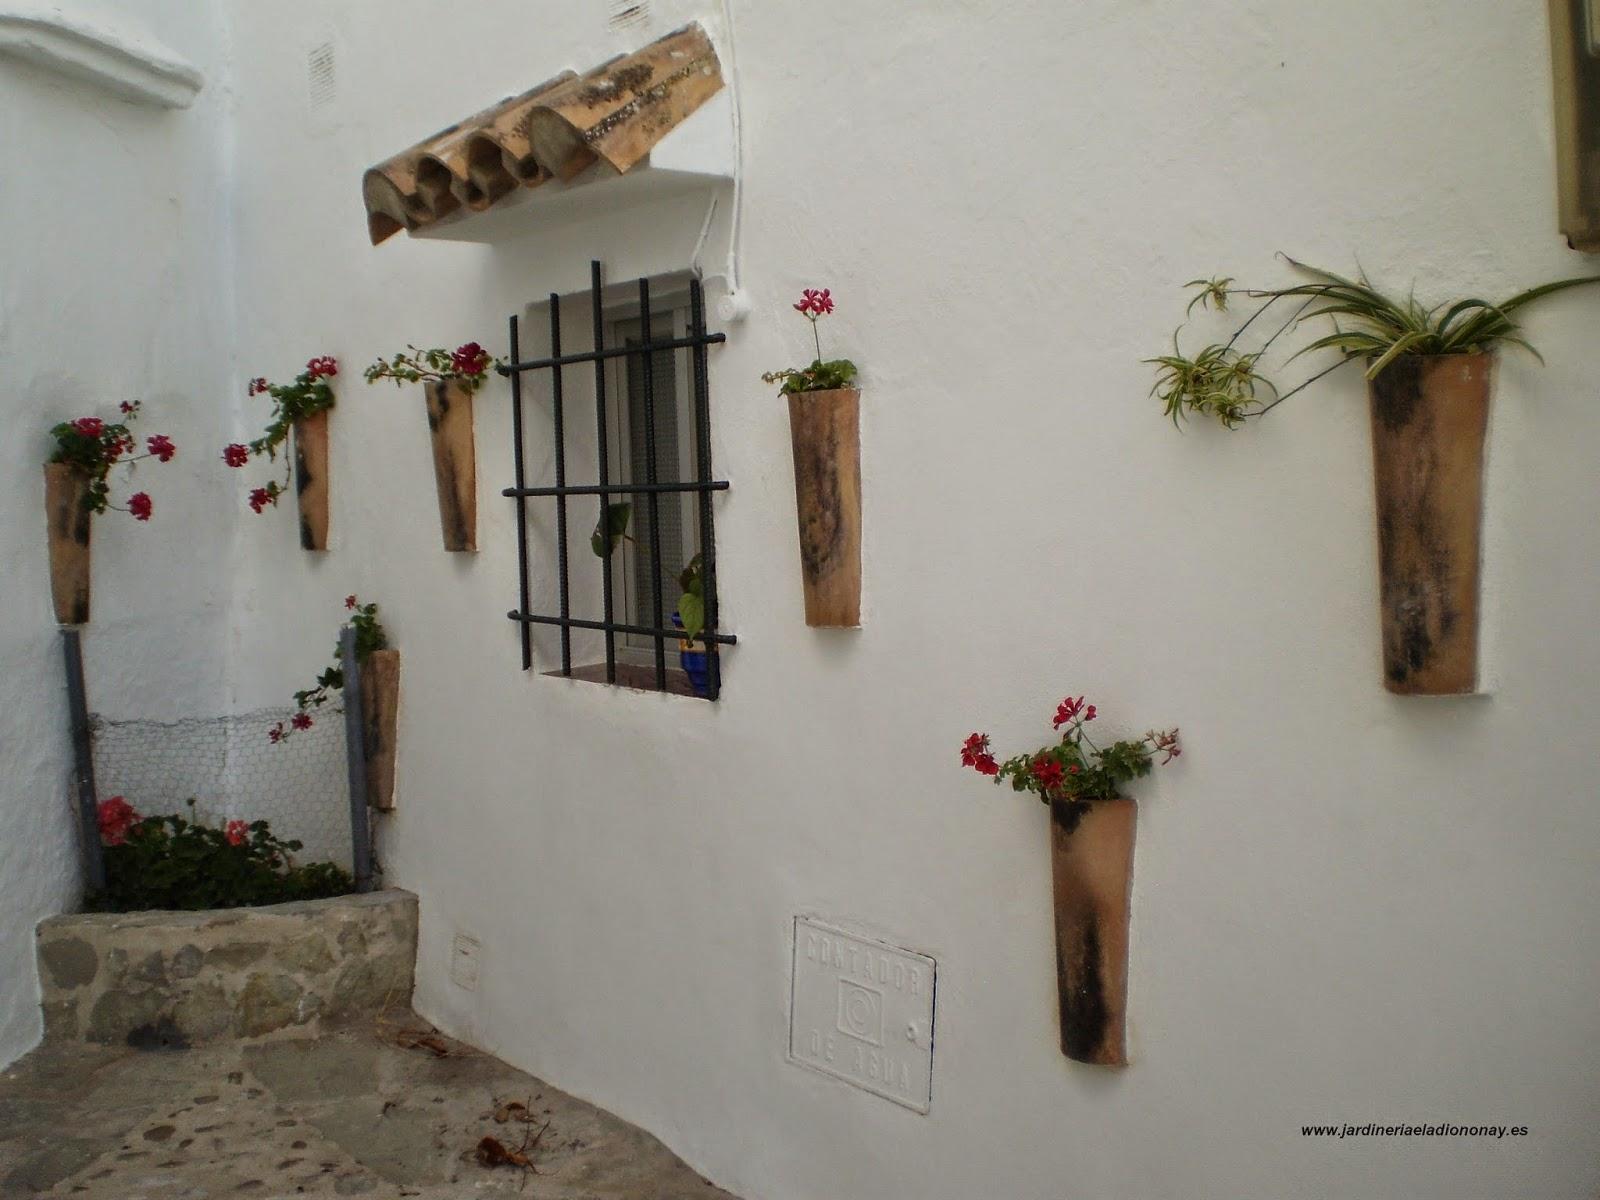 Jardineria eladio nonay tejas a modo de macetas jardiner a eladio nonay - Macetas en la pared ...